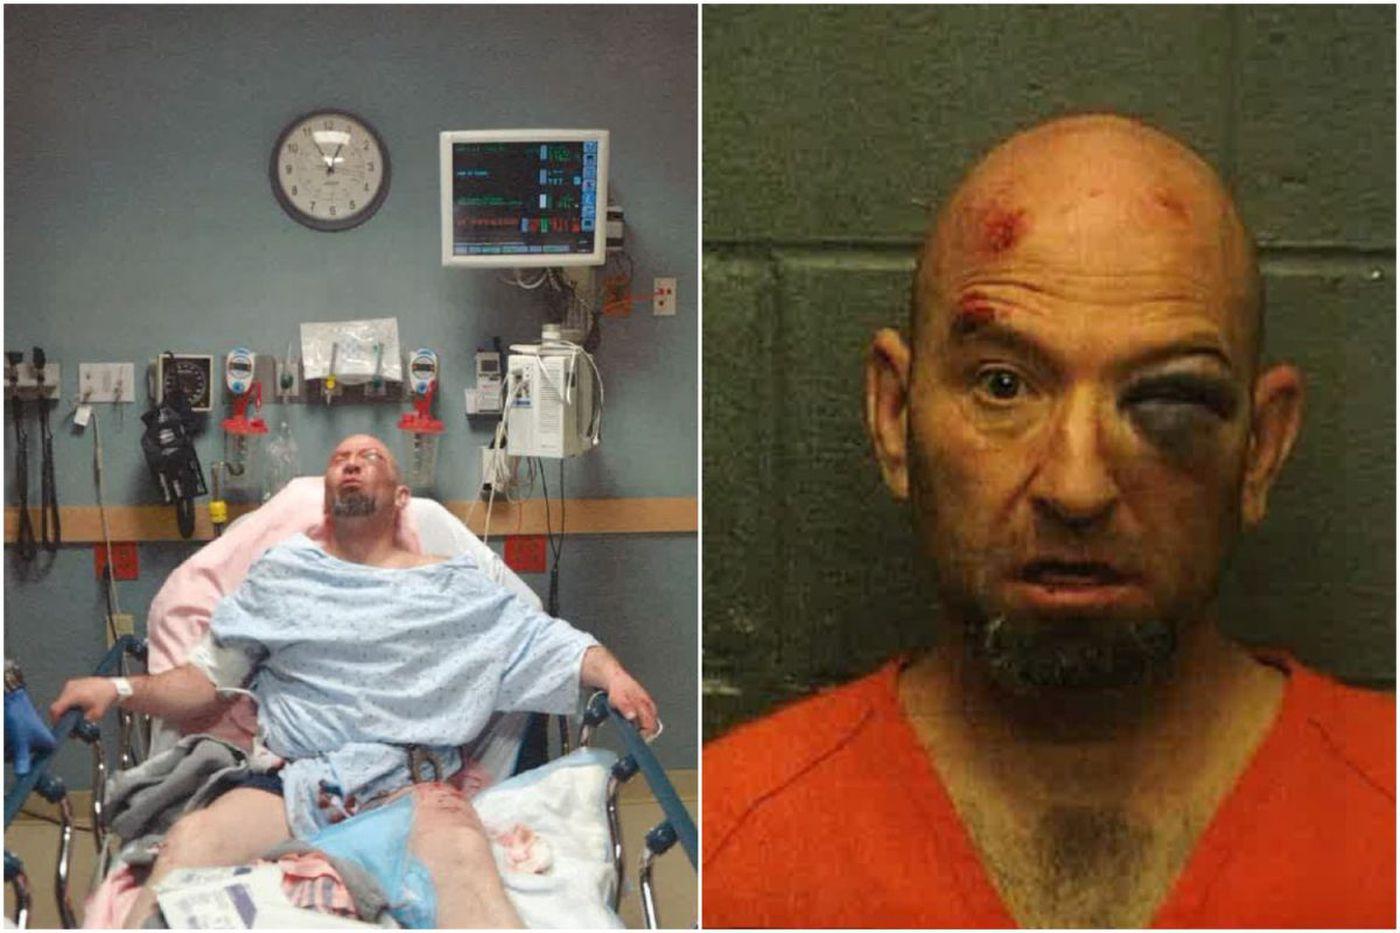 Lawsuit: Atlantic City police use excessive force, K9s in brutal arrest